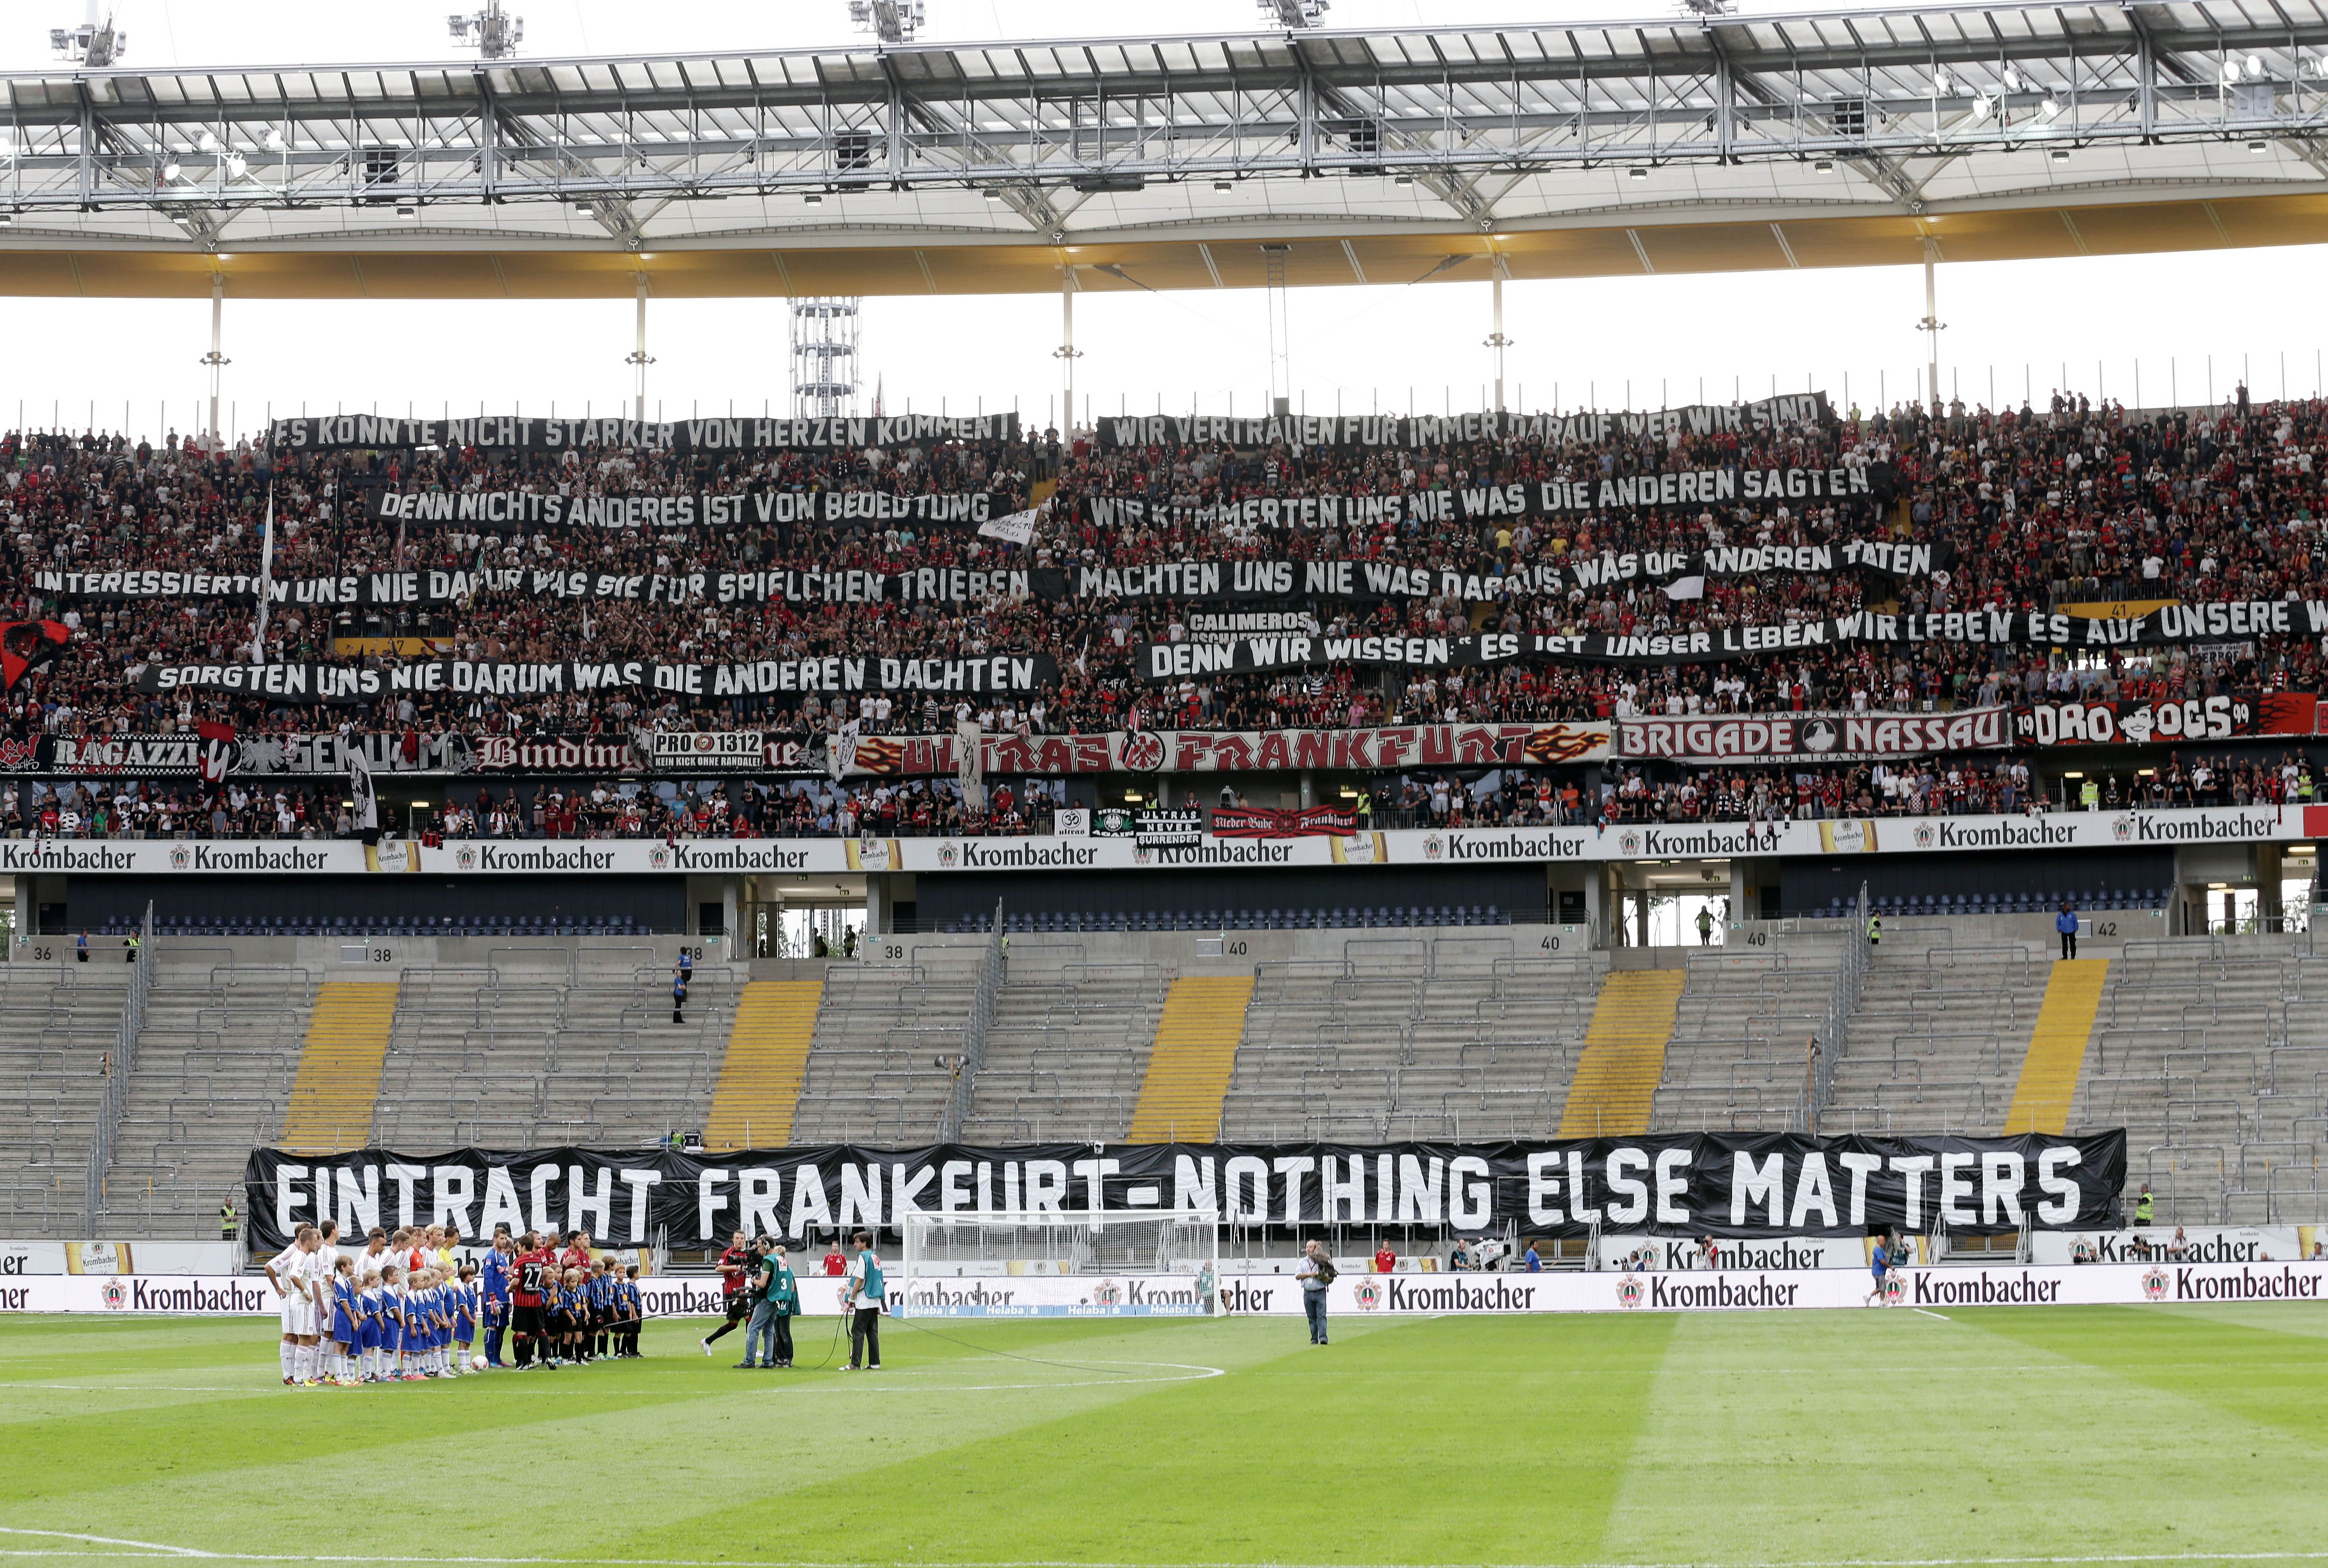 eintracht frankfurt stadion tour